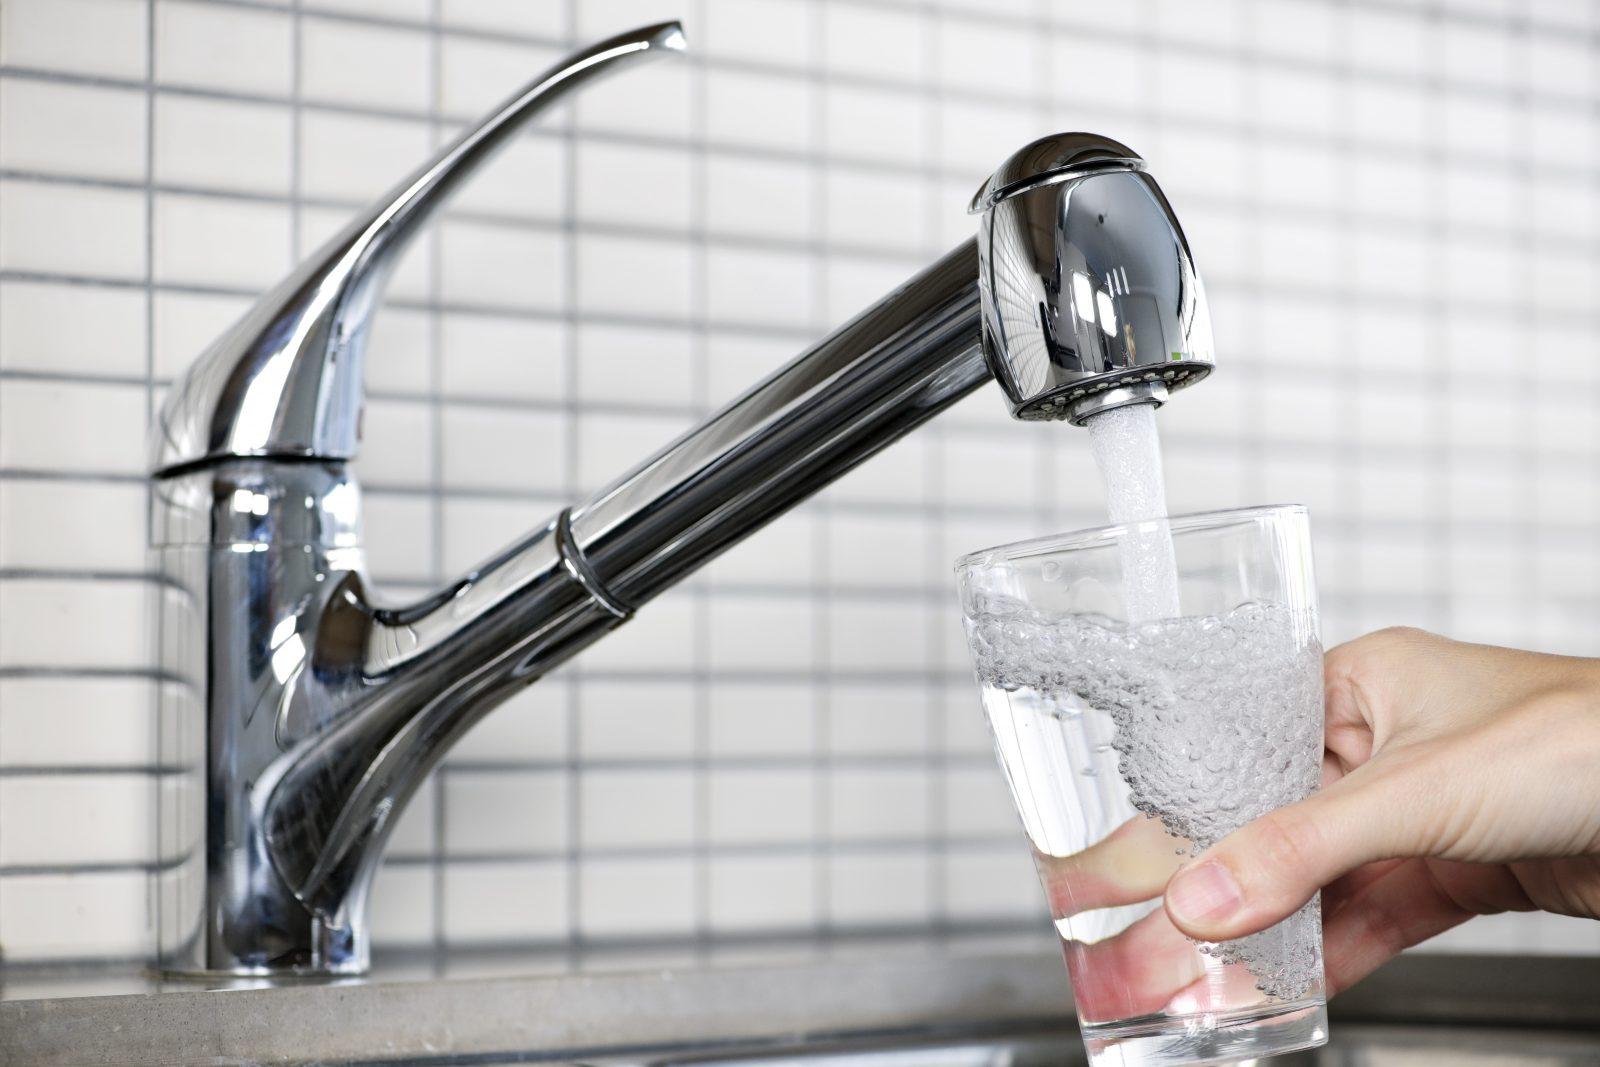 Doit-on vraiment boire 8 verres d'eau par jour? Non